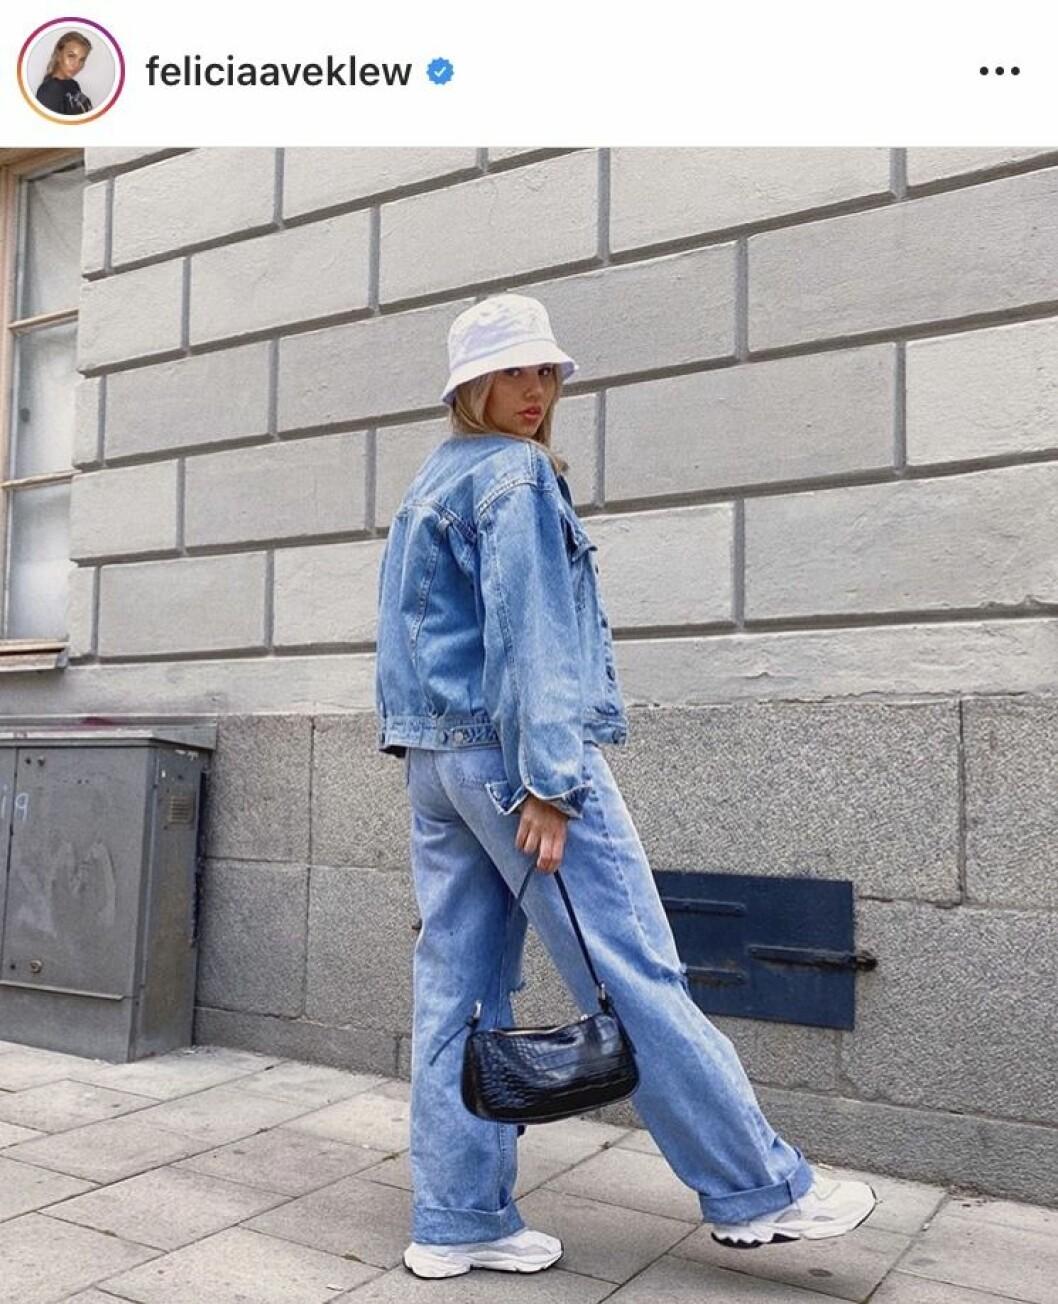 Felicia Aveklew i helkroppsbild iklädd jeansjacka och jeans